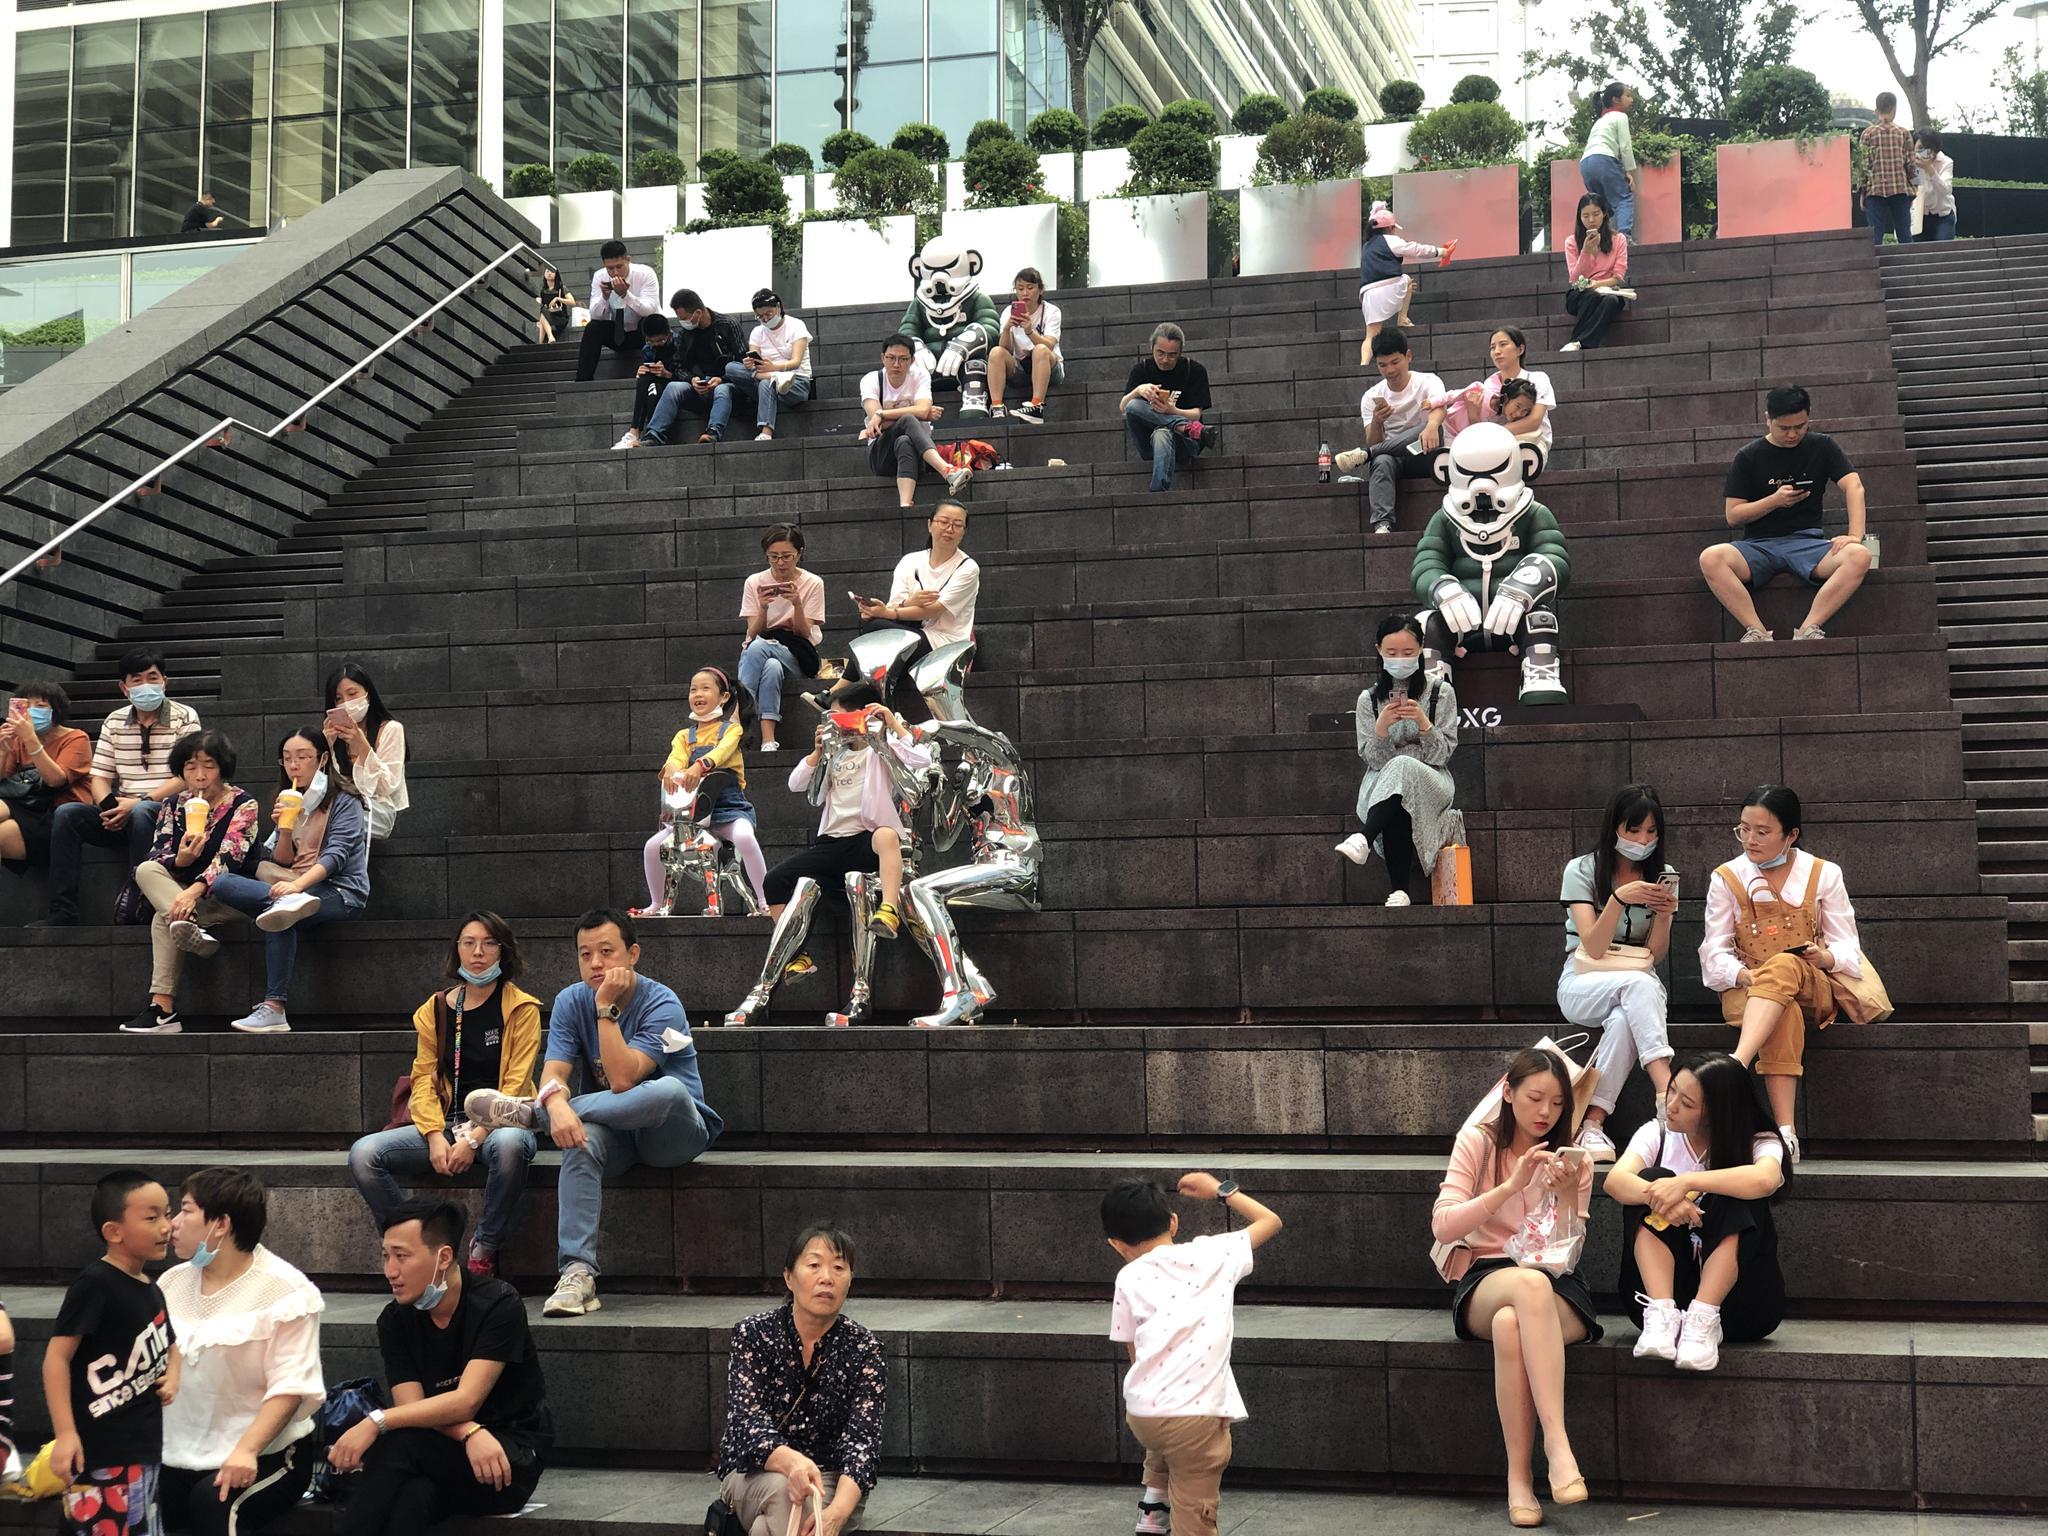 2020年10月1日,陆家嘴中心下沉广场休憩的游客。澎湃新闻记者邹娟 图